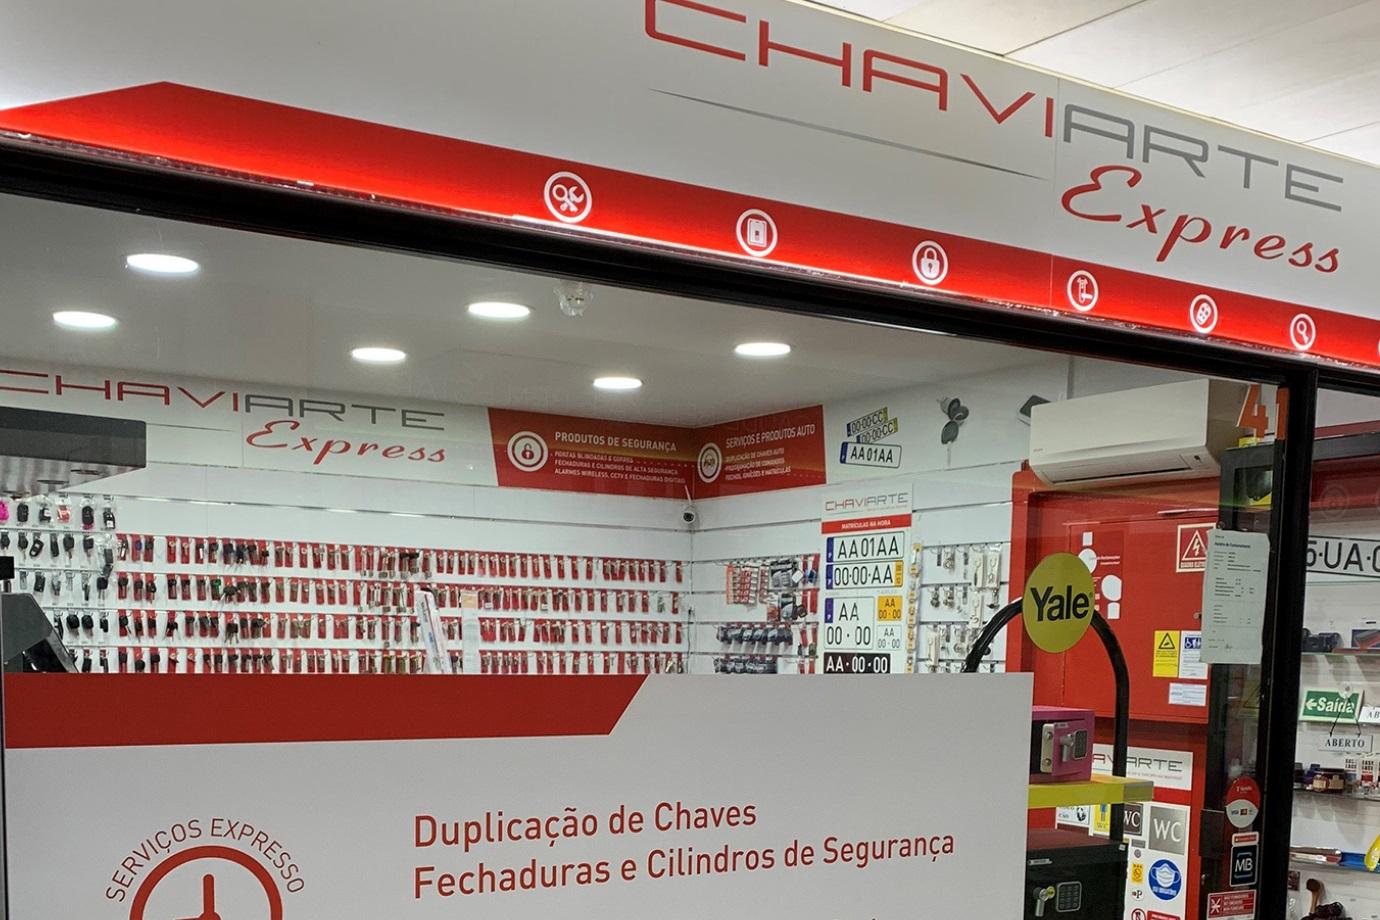 Franchising-Chaviarte-Alfornelos